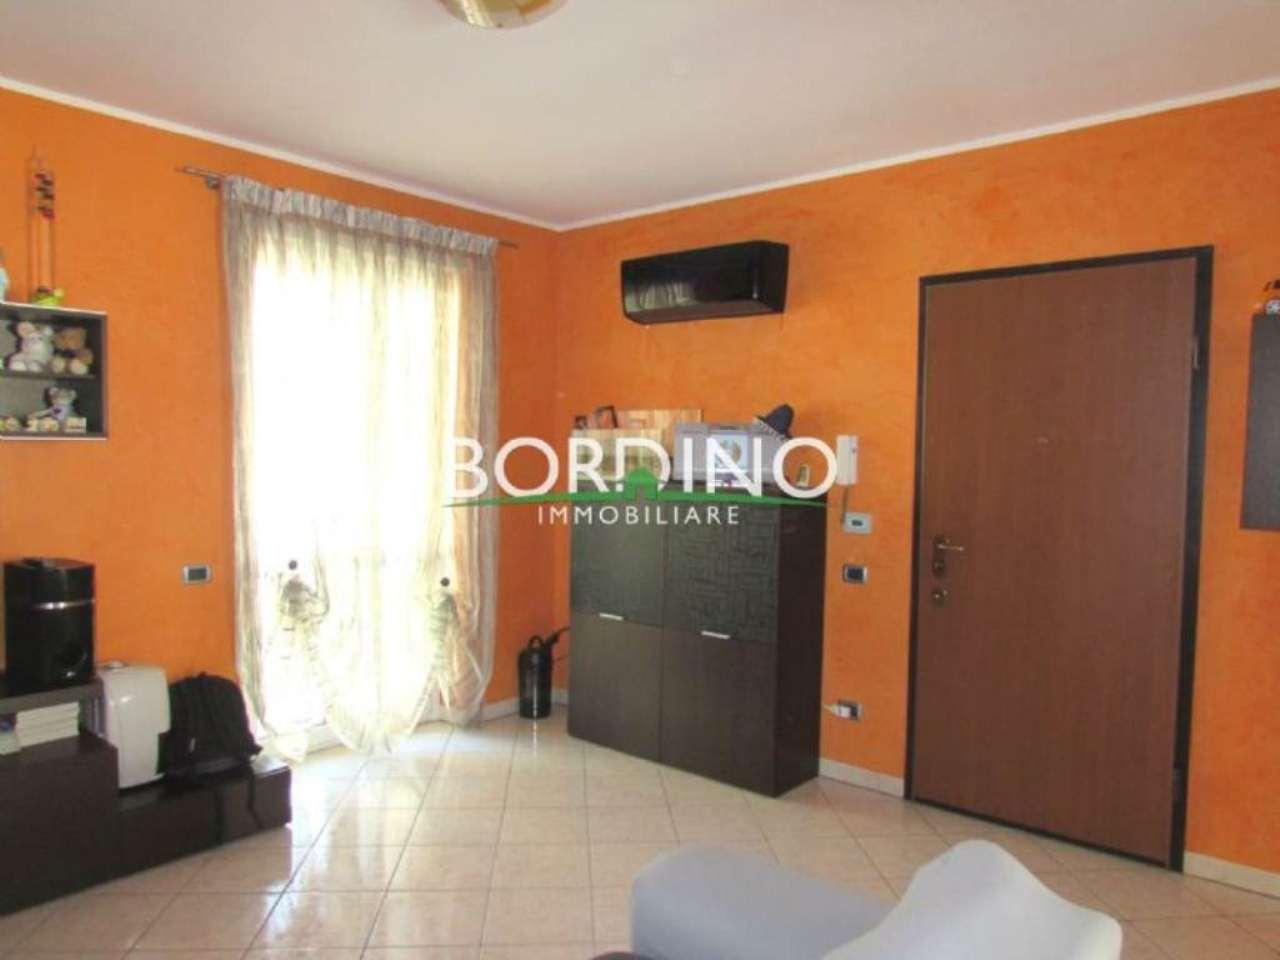 Appartamento in vendita a Govone, 4 locali, prezzo € 158.000 | Cambio Casa.it